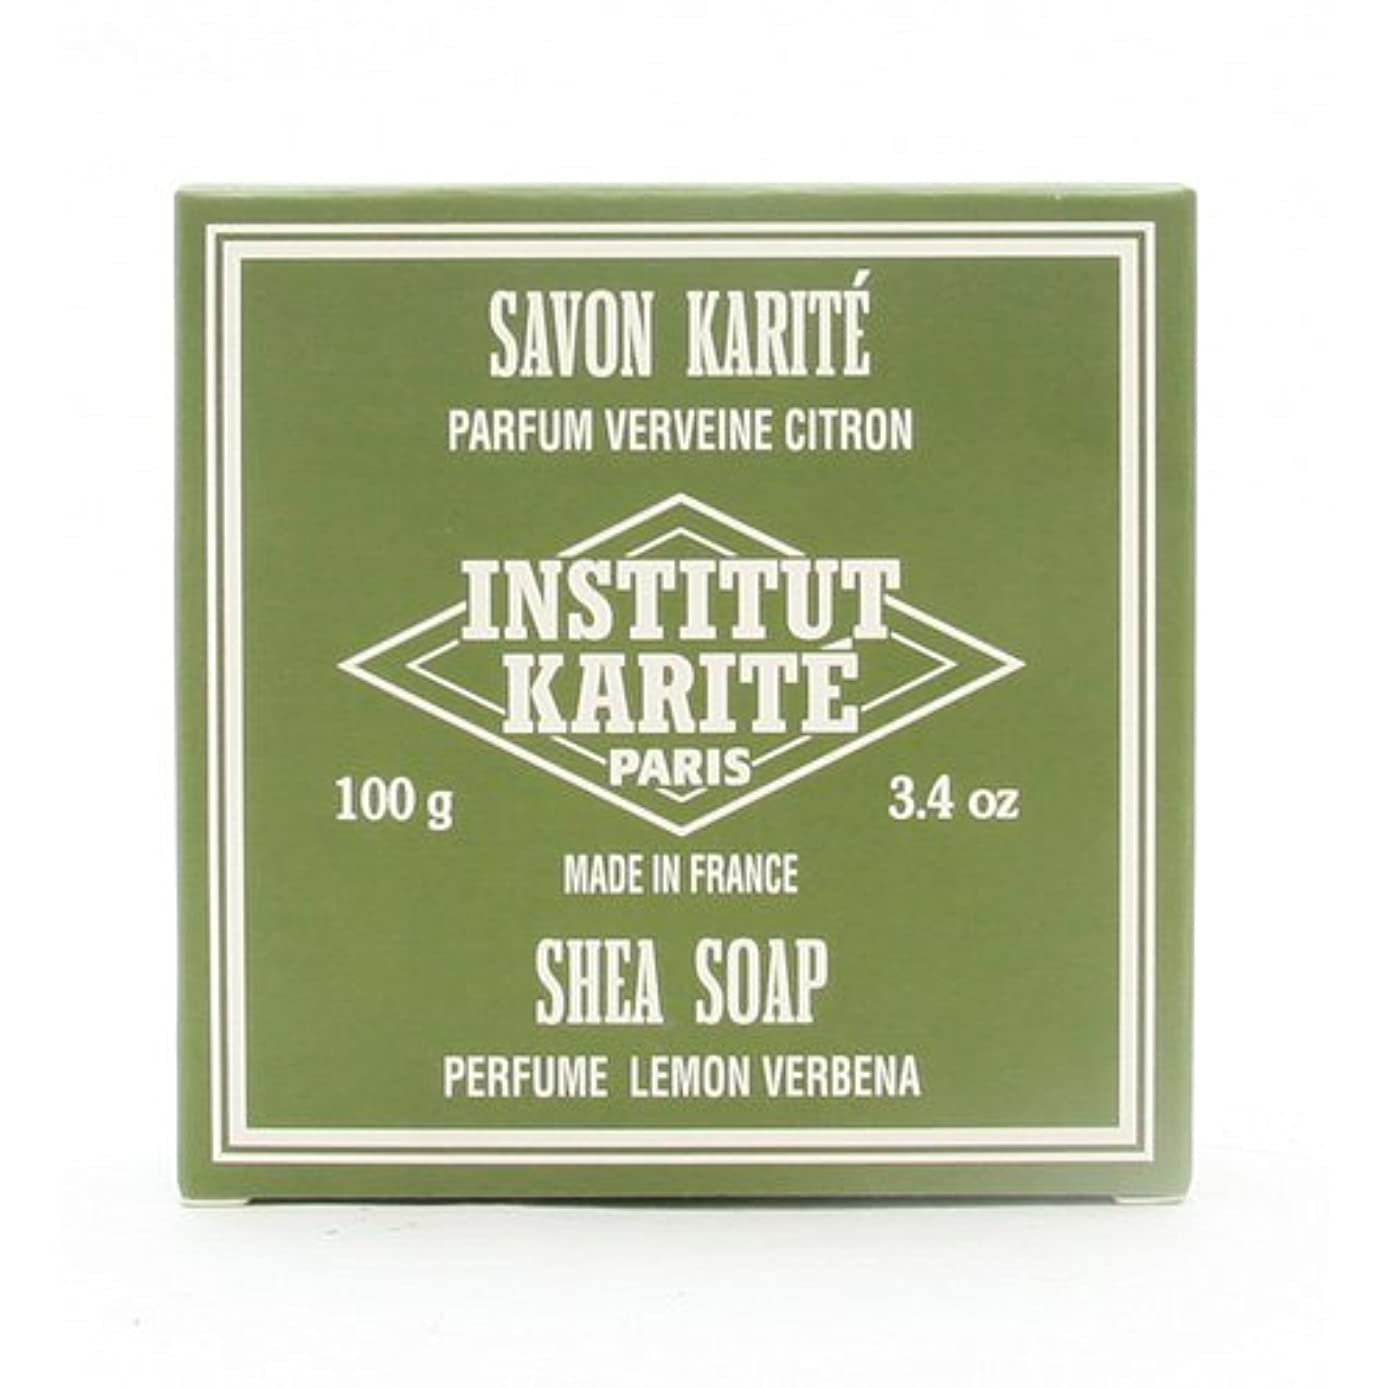 反対恐れ誕生日INSTITUT KARITE インスティテュート カリテ 25% Extra Gentle Soap ジェントルソープ 100g Lemon Vervenaレモンバーベナ